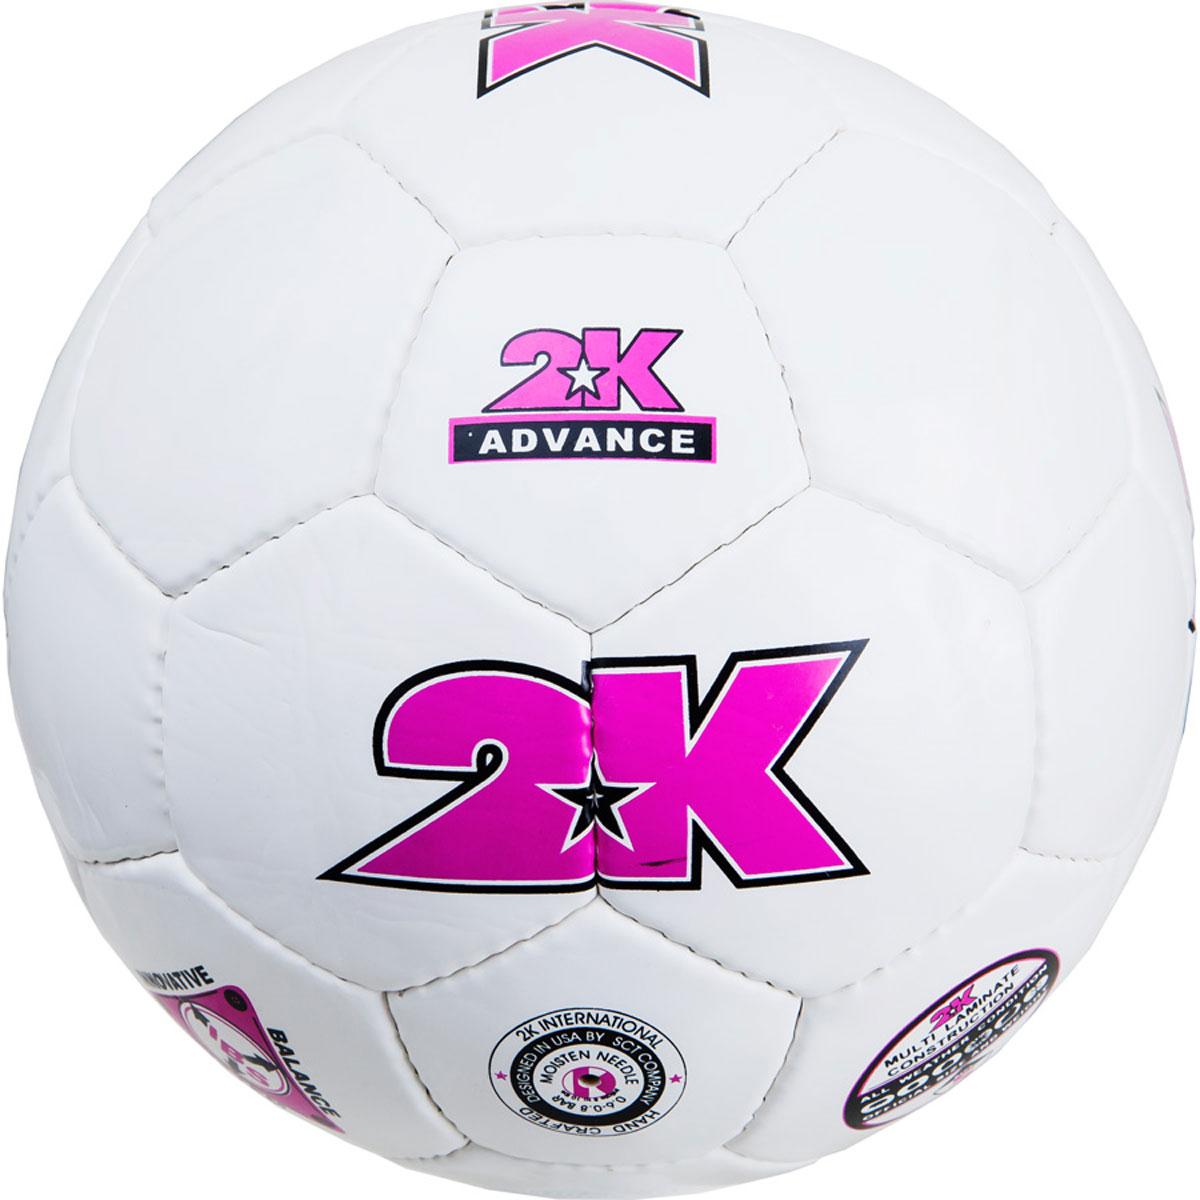 """Мяч футбольный 2K Sport """"Advance"""", цвет: белый, фиолетовый. Размер 4 127048"""